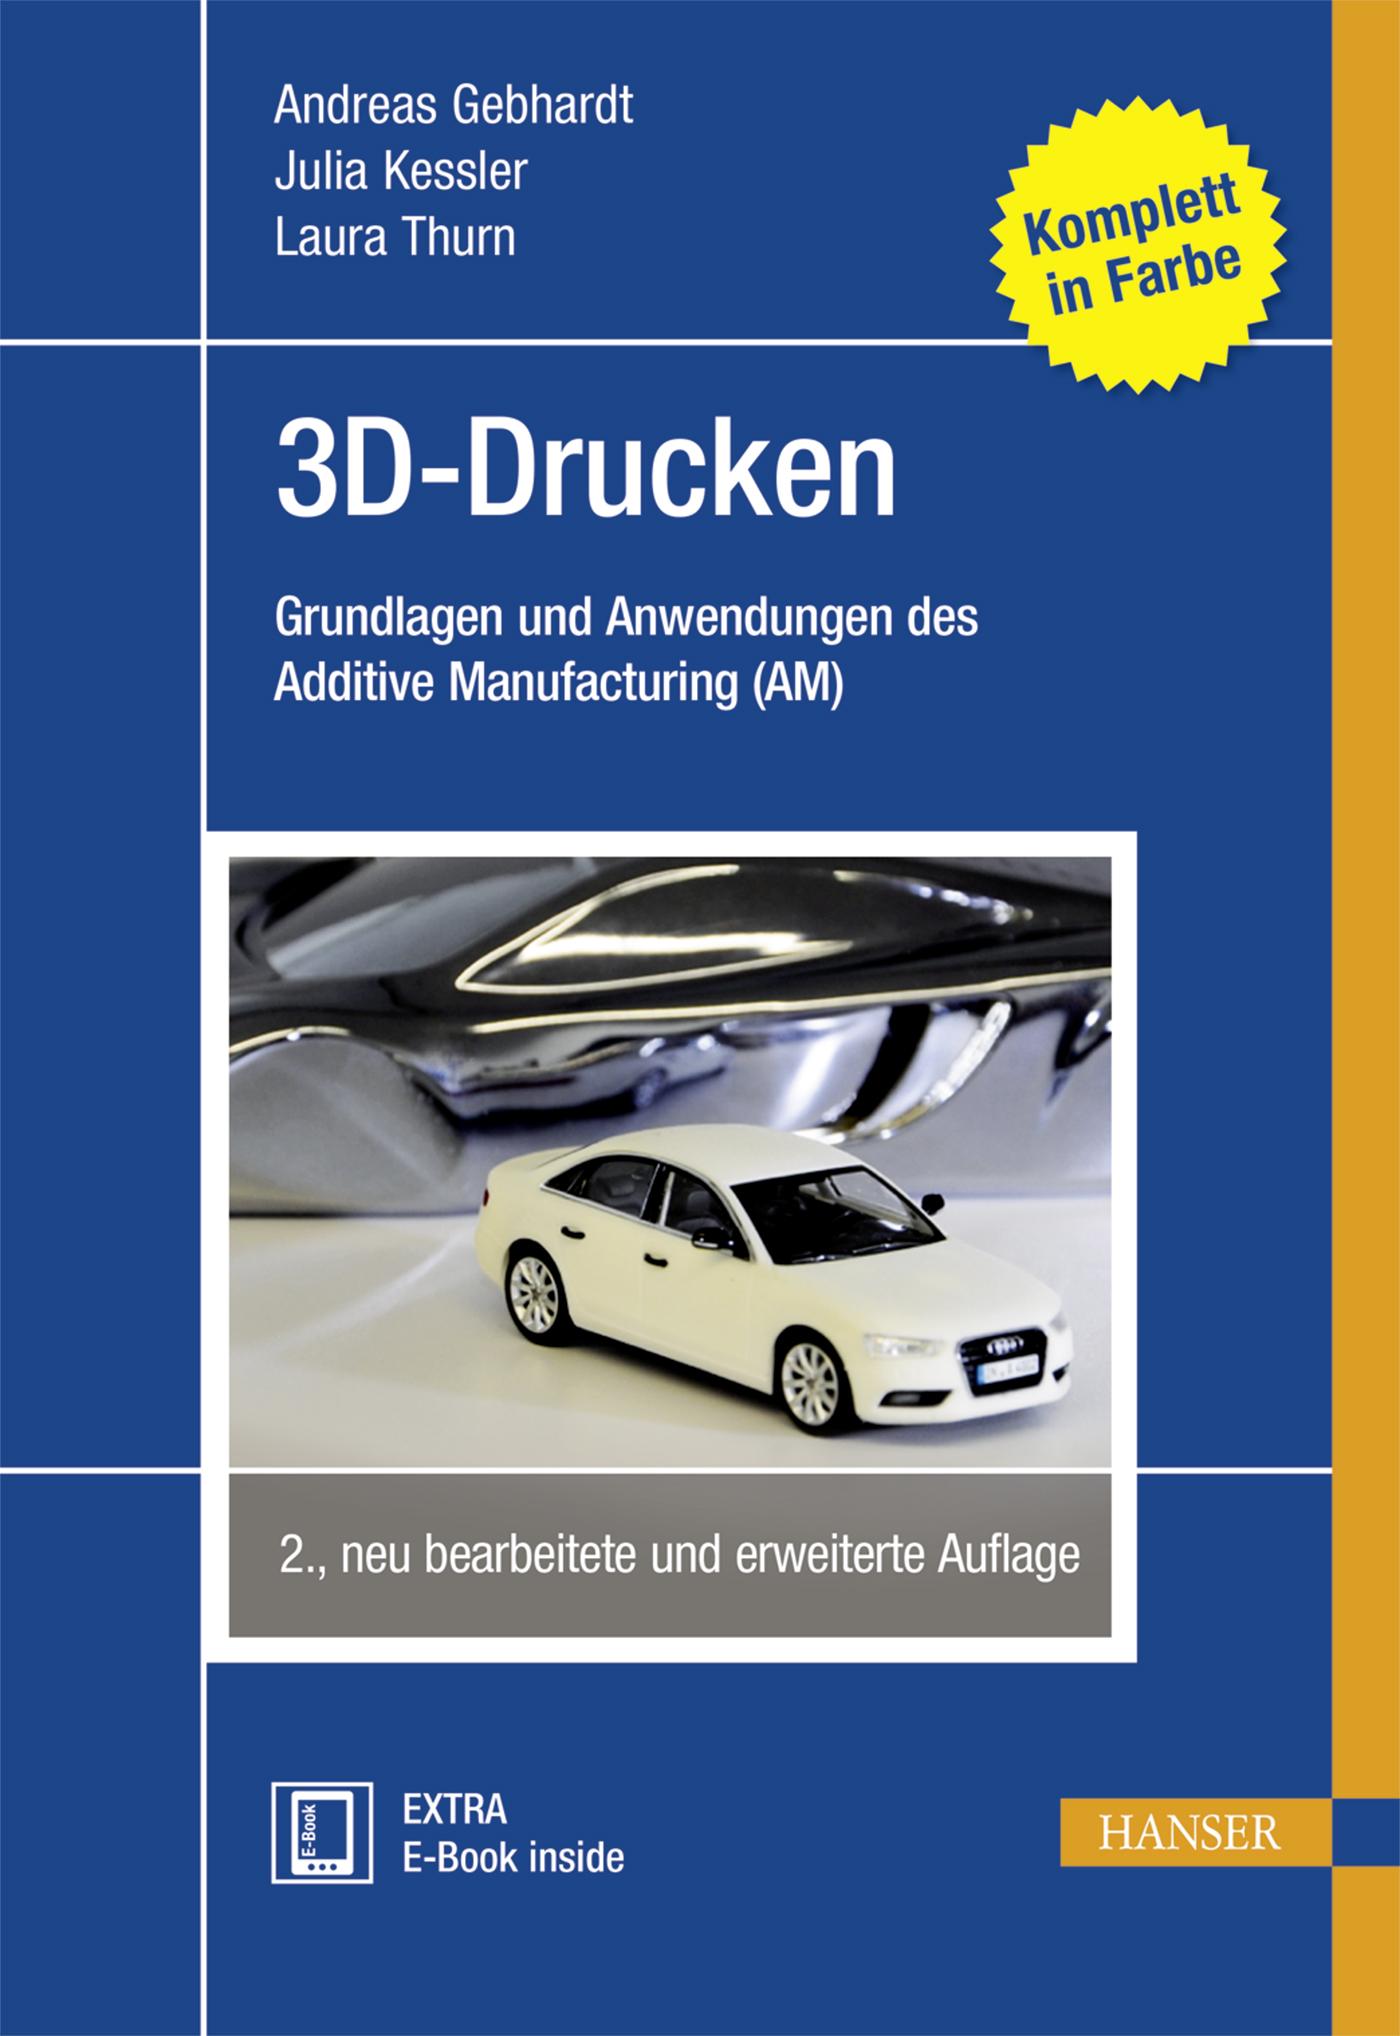 Gebhardt, Kessler, Thurn, 3D-Drucken, 978-3-446-44672-4